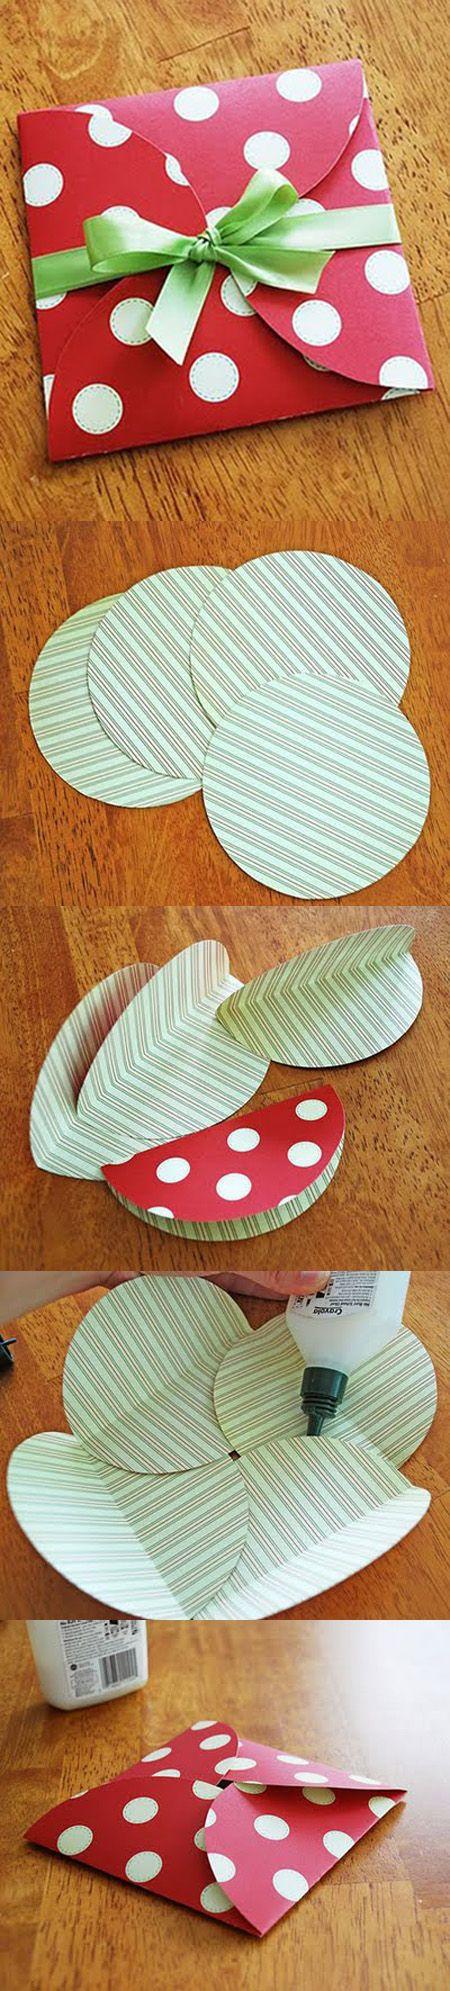 Caja envoltorio decorativa